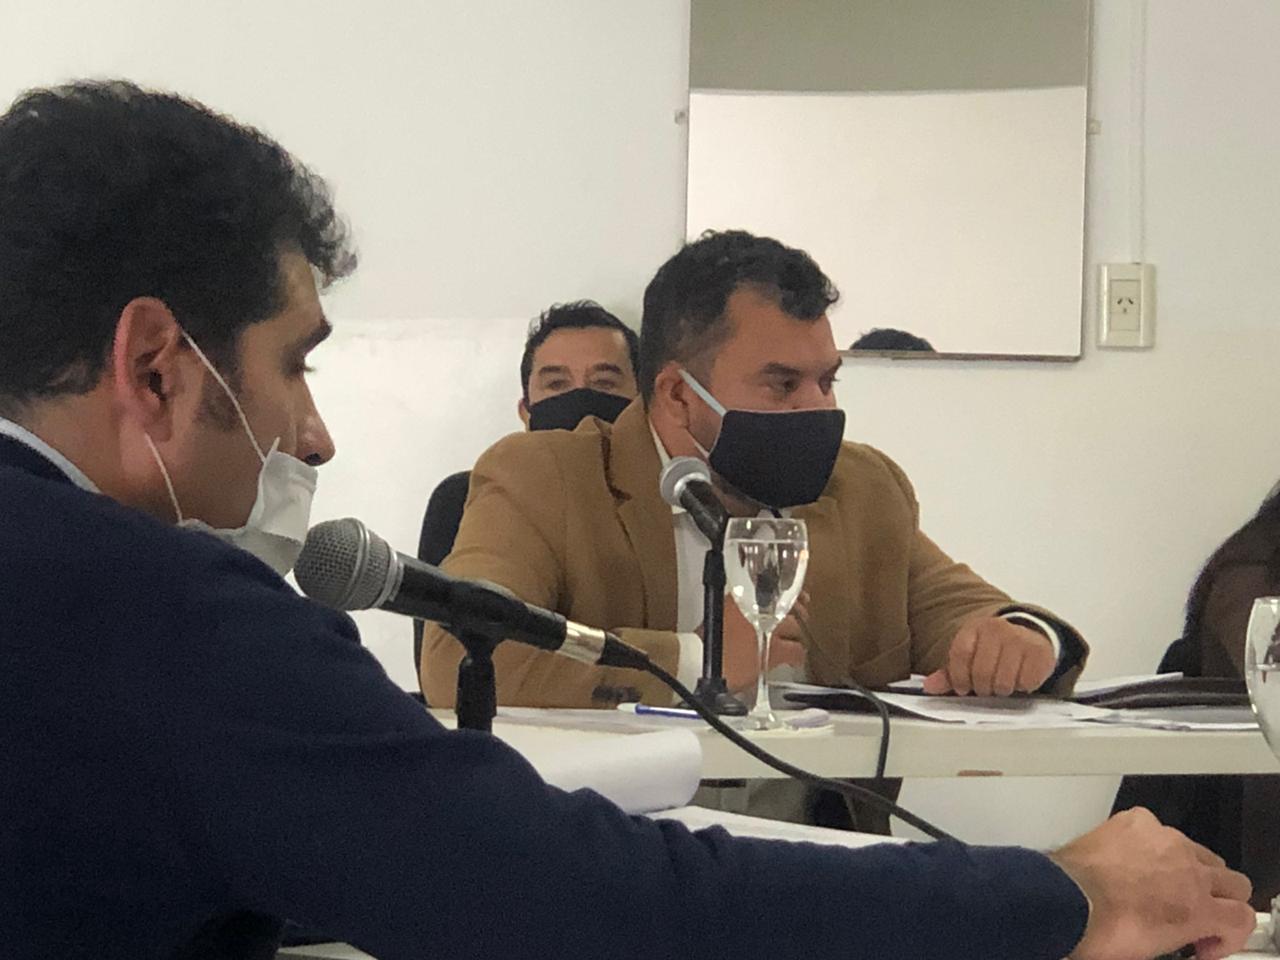 Juárez, con barbijo negro; Bazán, estrenando banca con barbijo y nariz destapada. Foto: Emir Silva para LOZN.